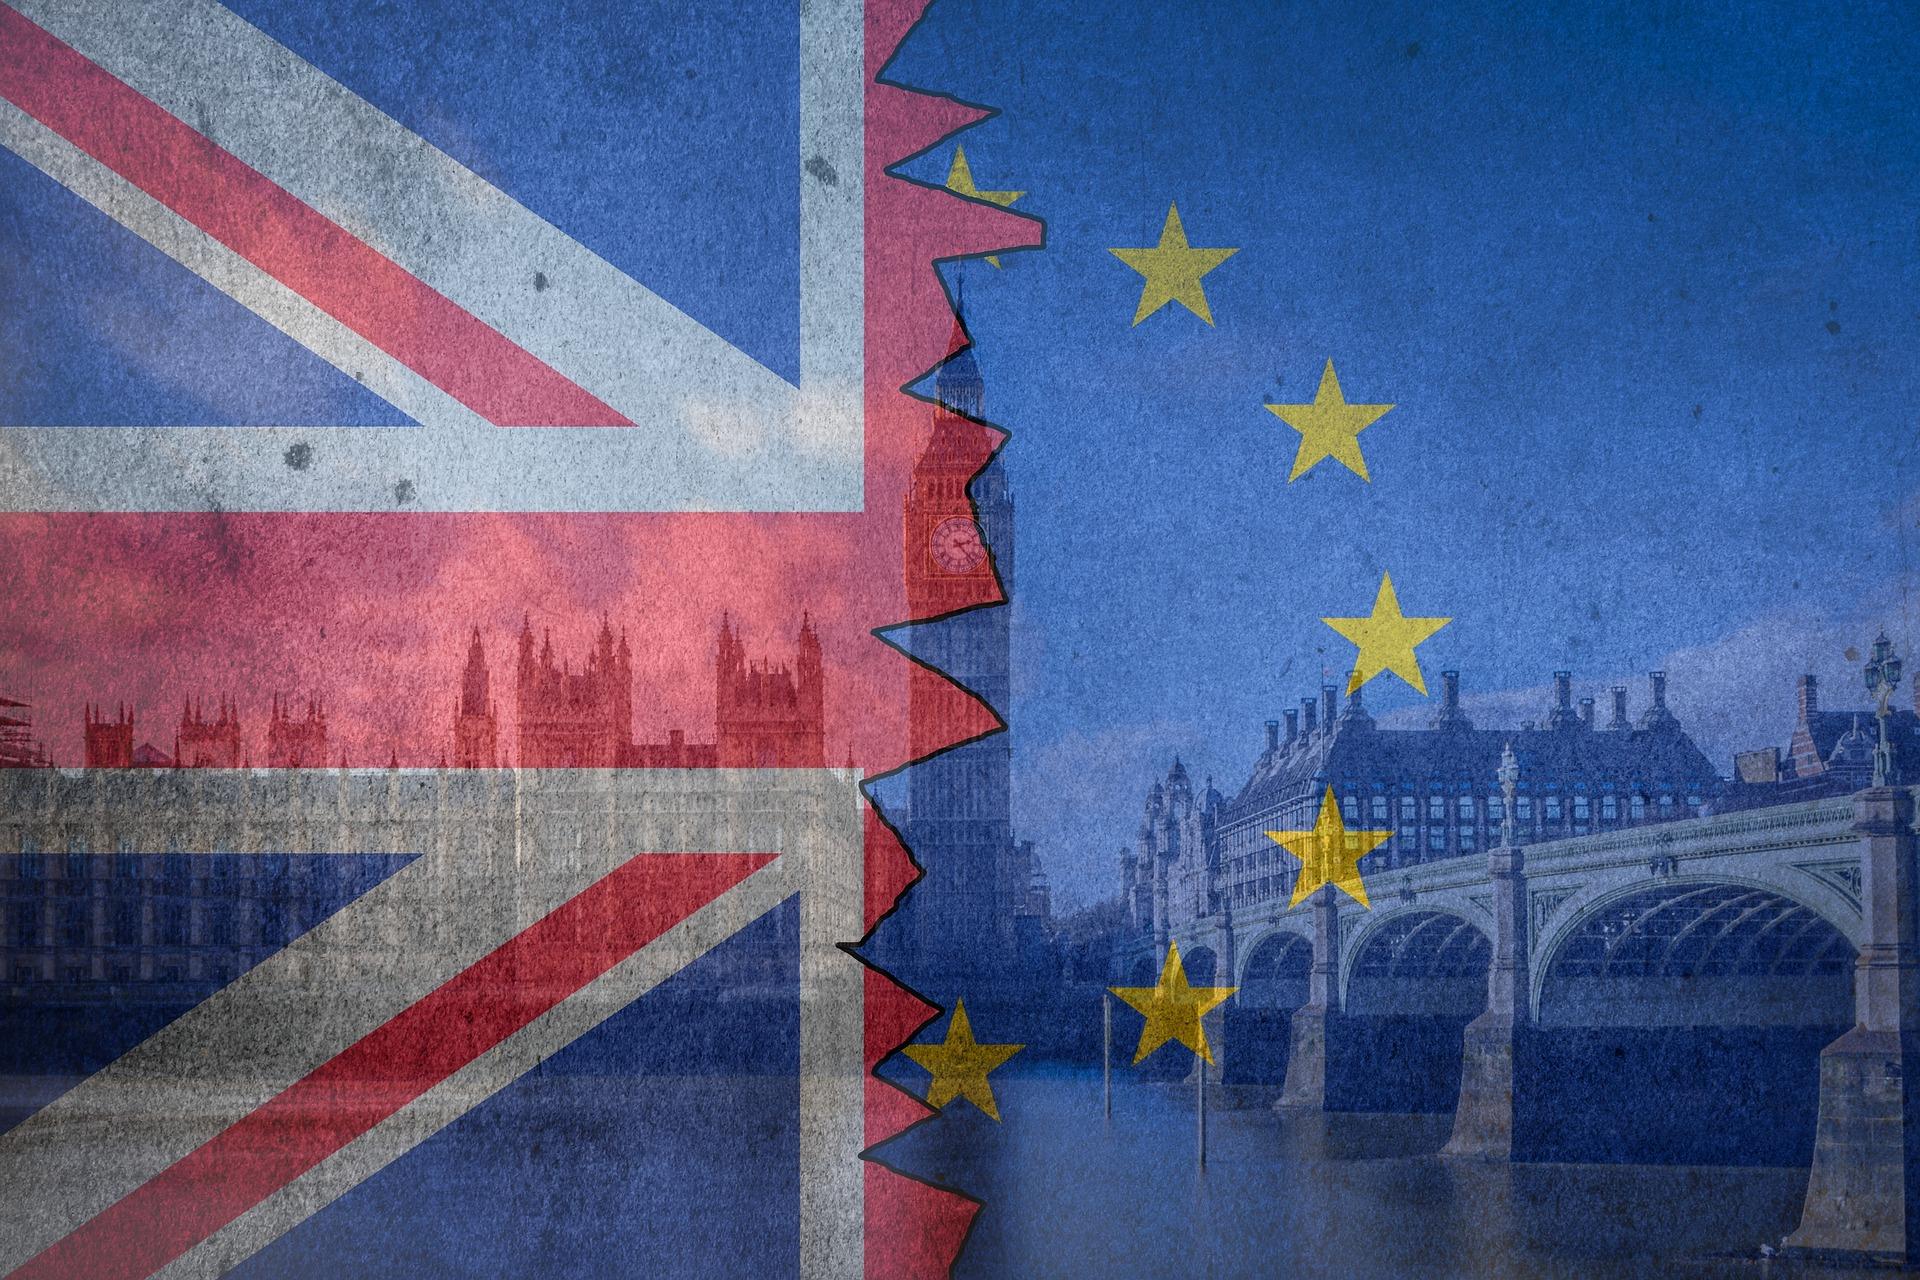 Inghilterra Brexit 2020: cosa cambierà per i turisti